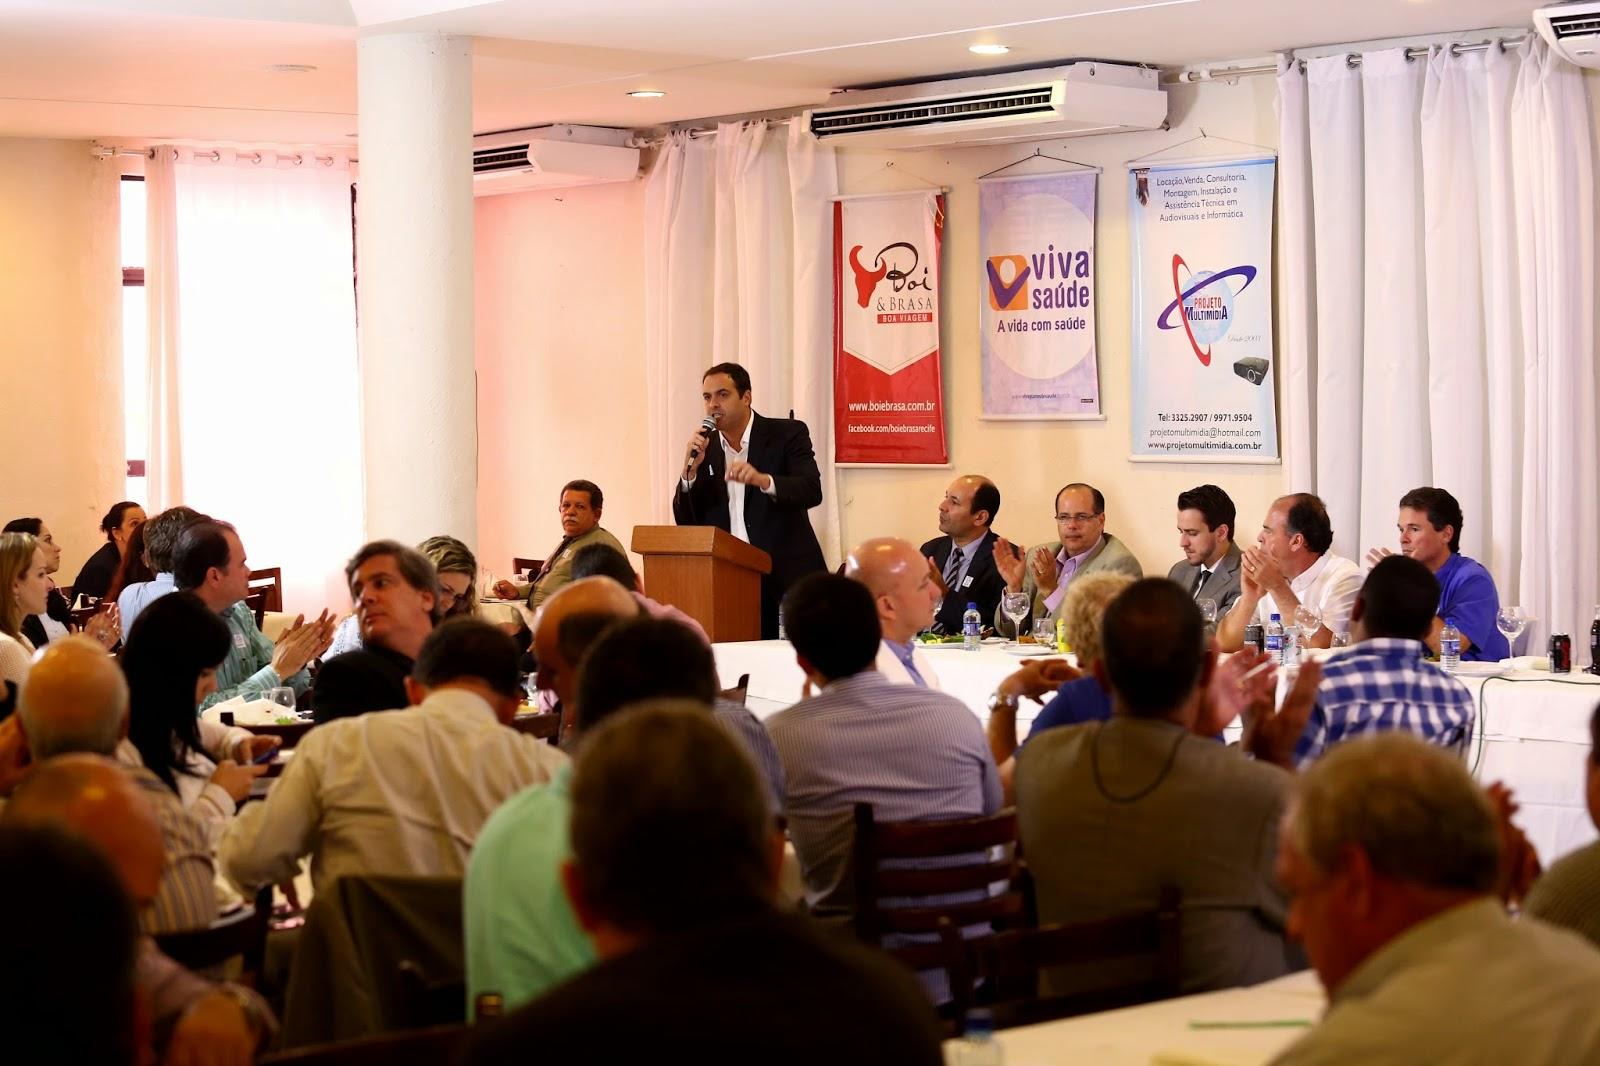 Informativo - Paulo promete ampliar a criação das cadeias produtivasPaulo promete ampliar a criação das cadeias produtivas